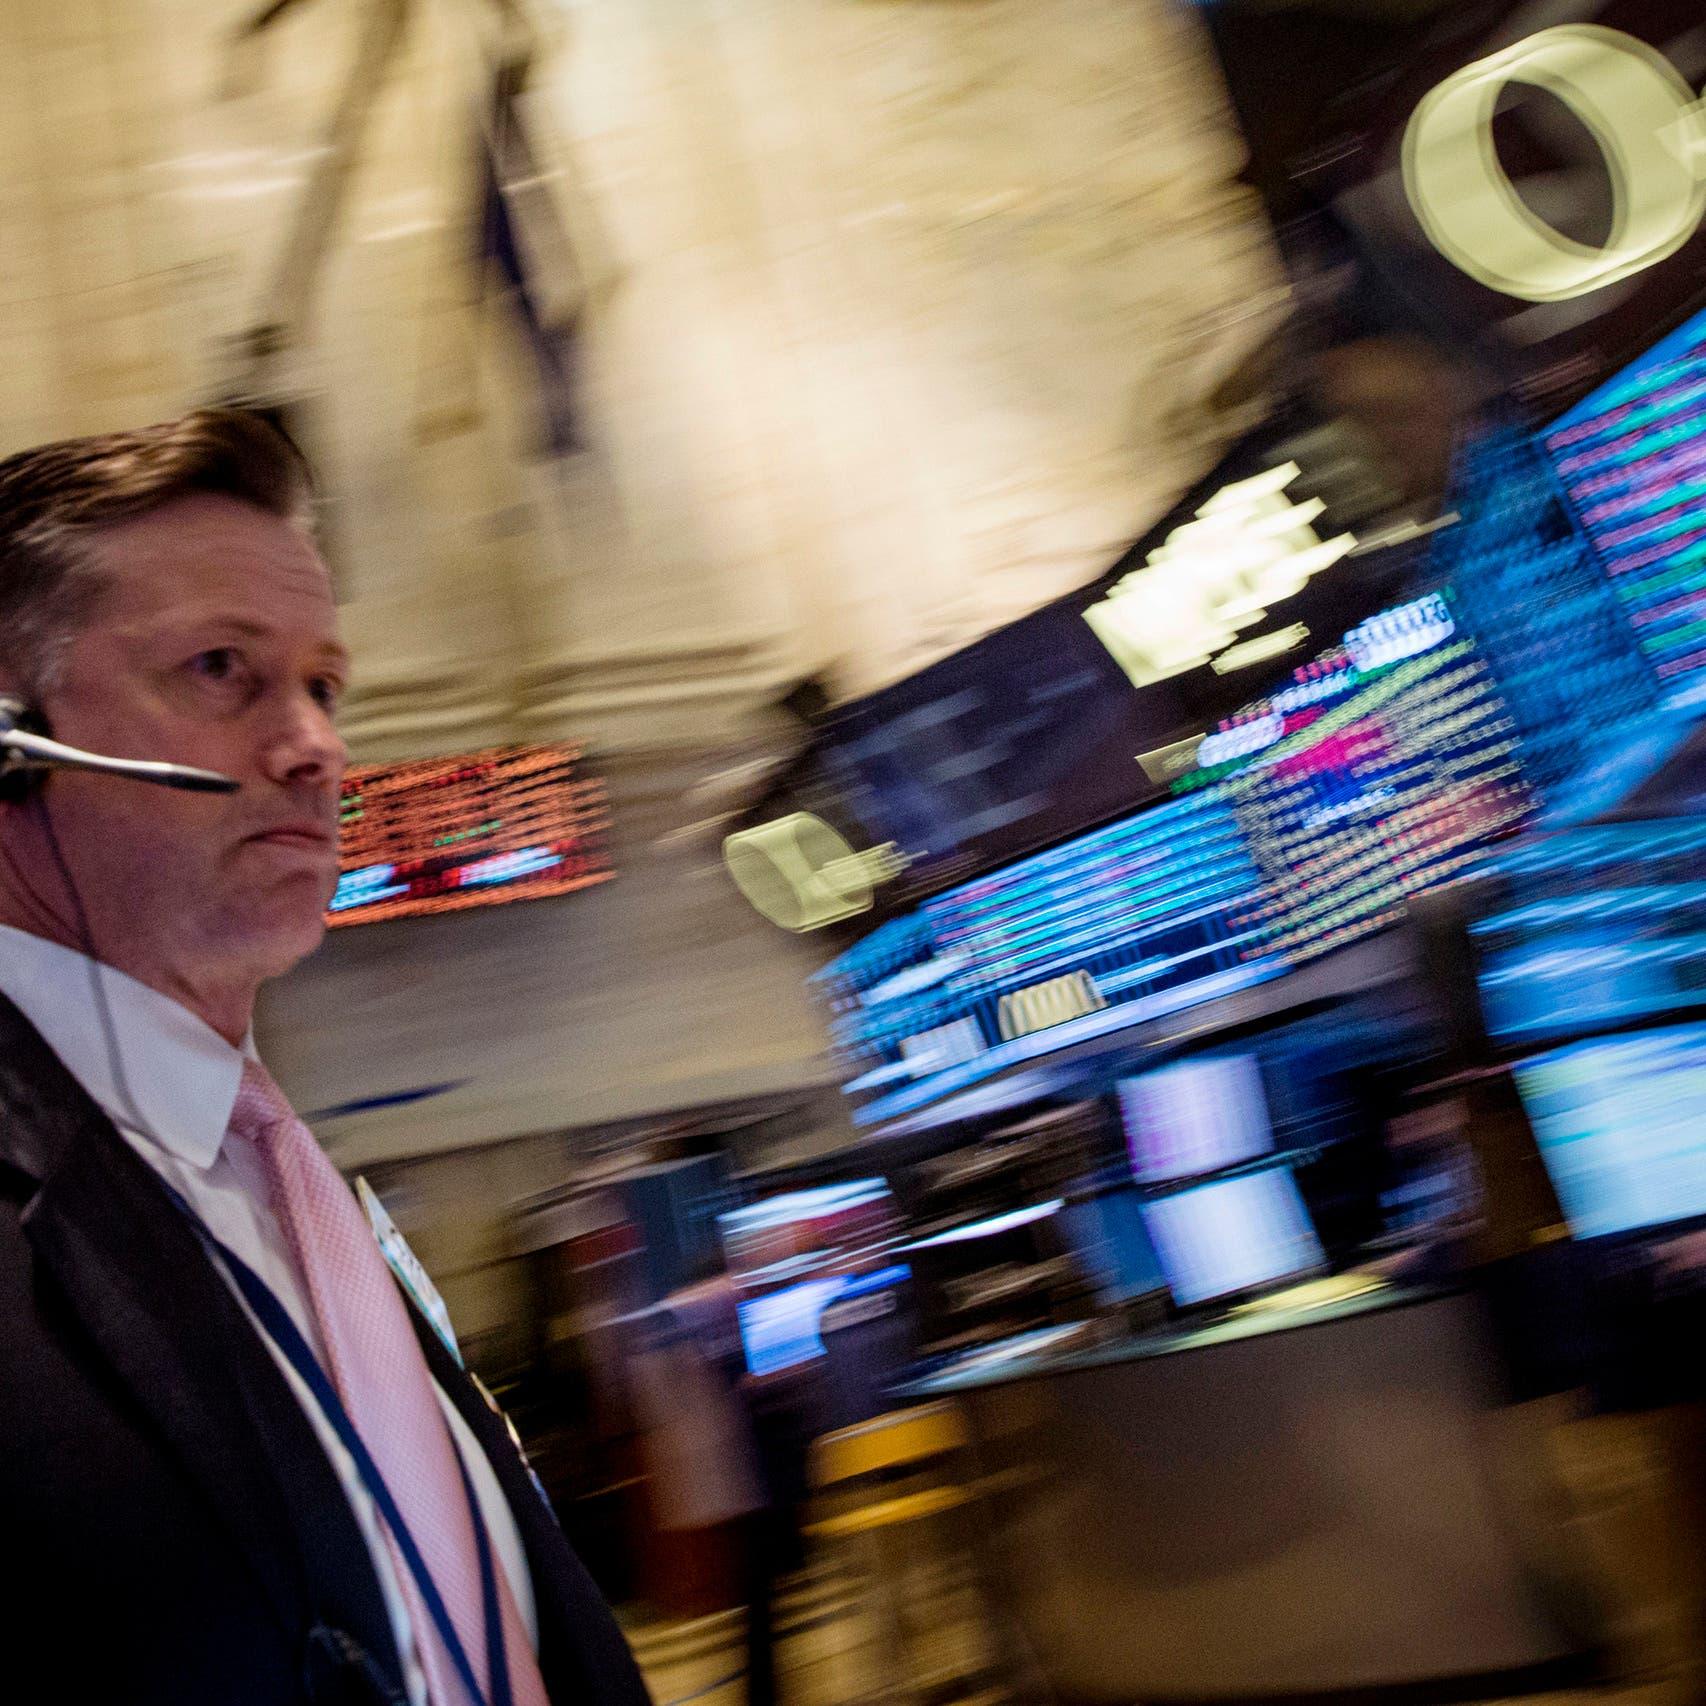 شركات التكنولوجيا الكبرى تقودالأسهم الأميركية لإغلاق قياسي جديد